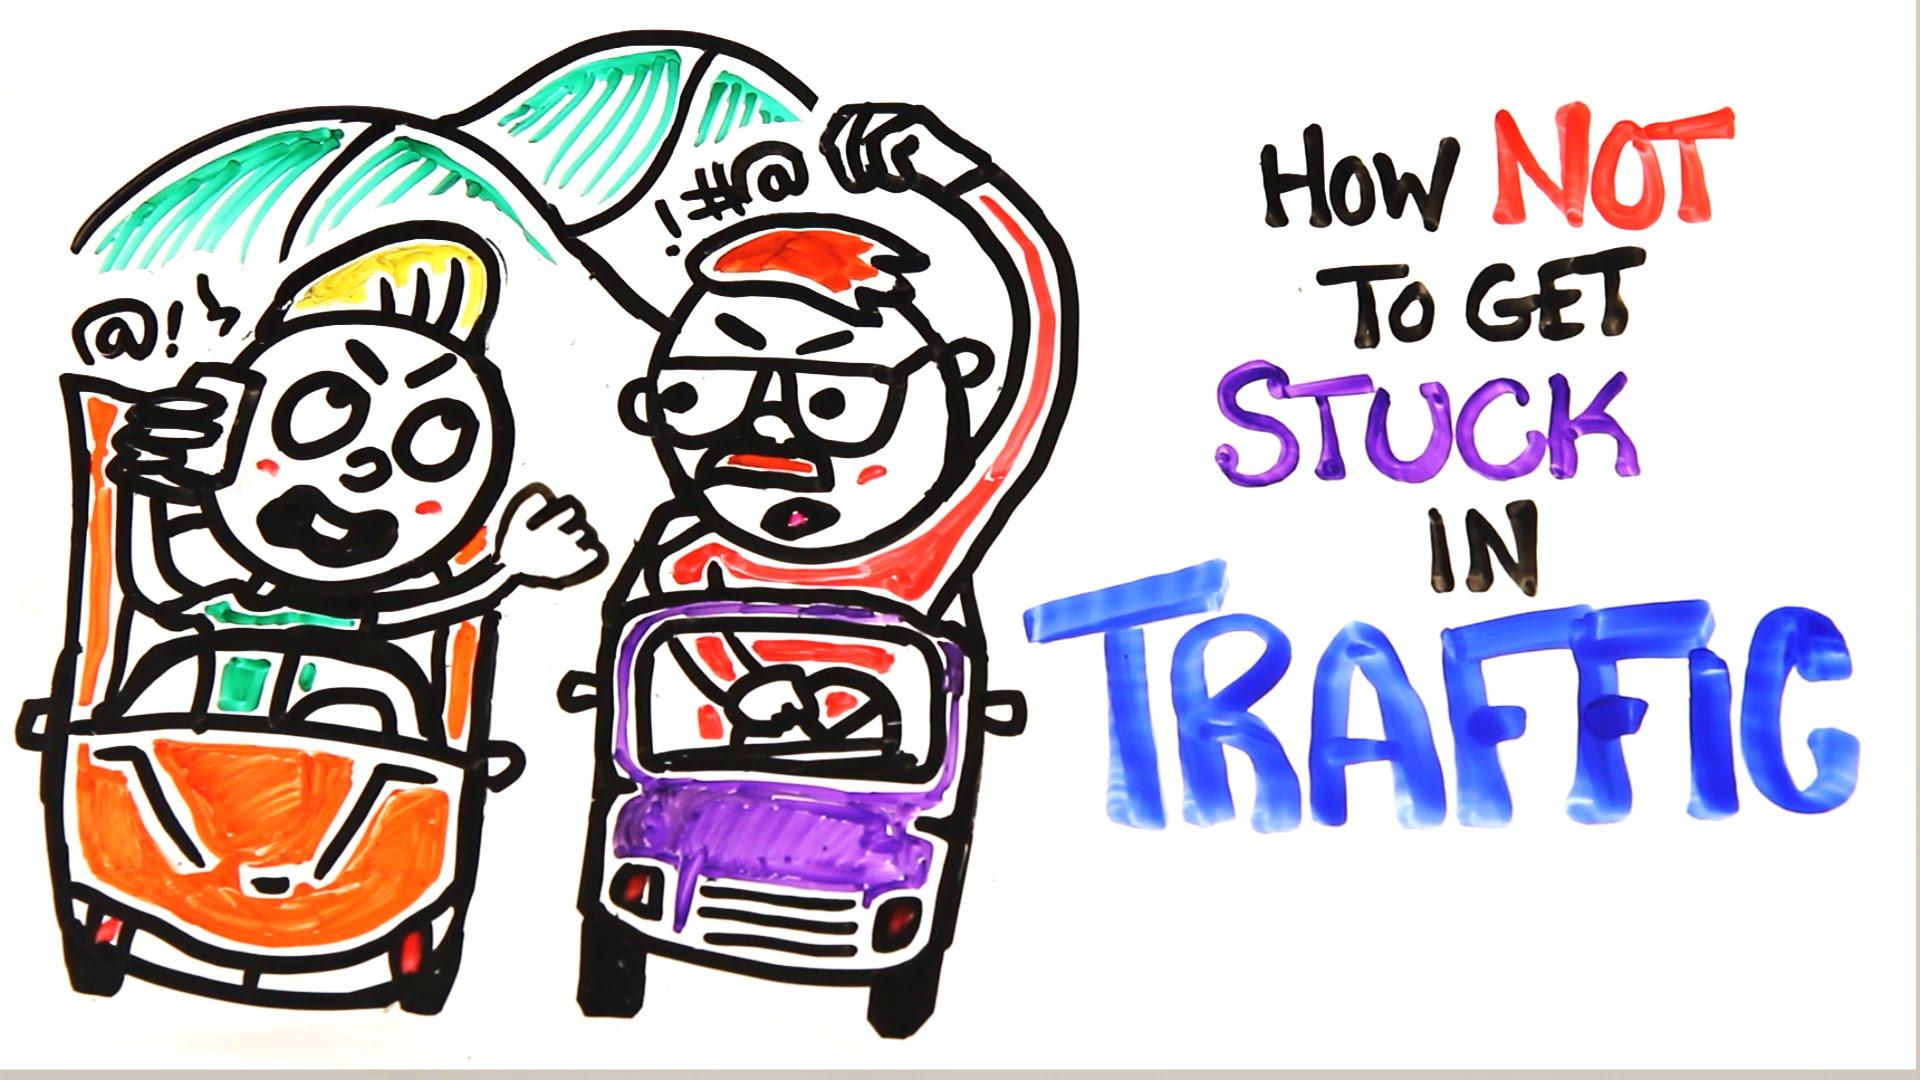 「連假又要塞車好苦啊!科學幫你逃出塞車惡夢」- How Not to Get Stuck in Traffic